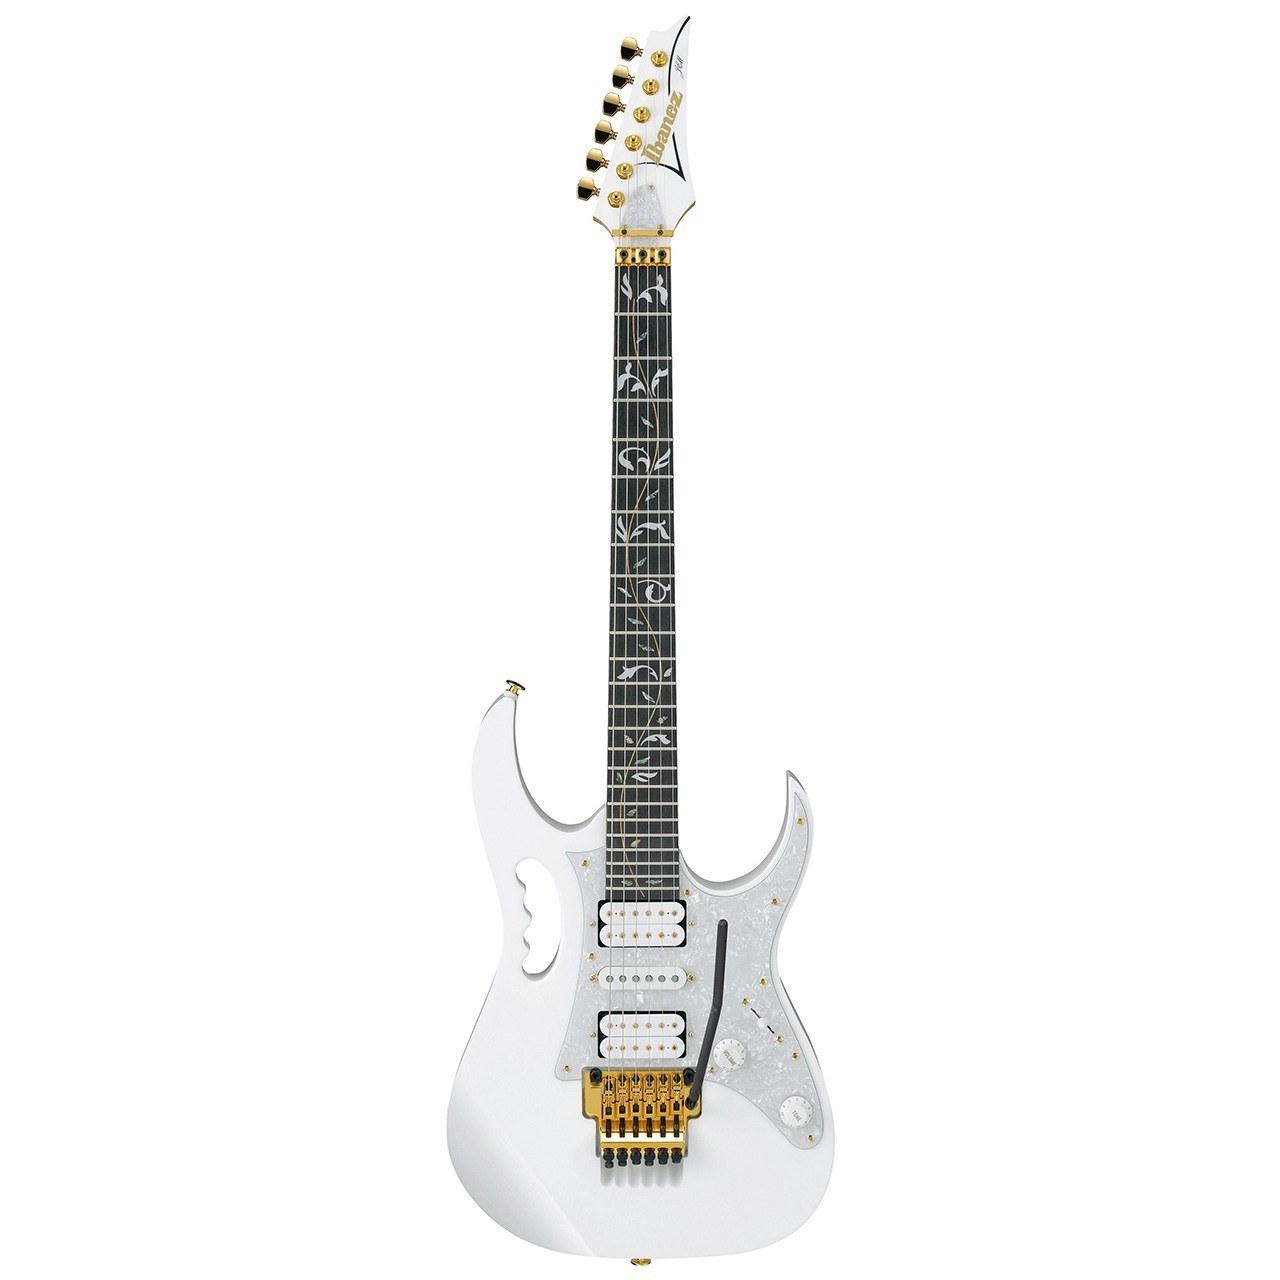 گيتار الکتريک آيبانز مدل JEM7V WH Steve Vai Signature | Ibanez JEM7V WH Steve Vai Signature Electric Guitar